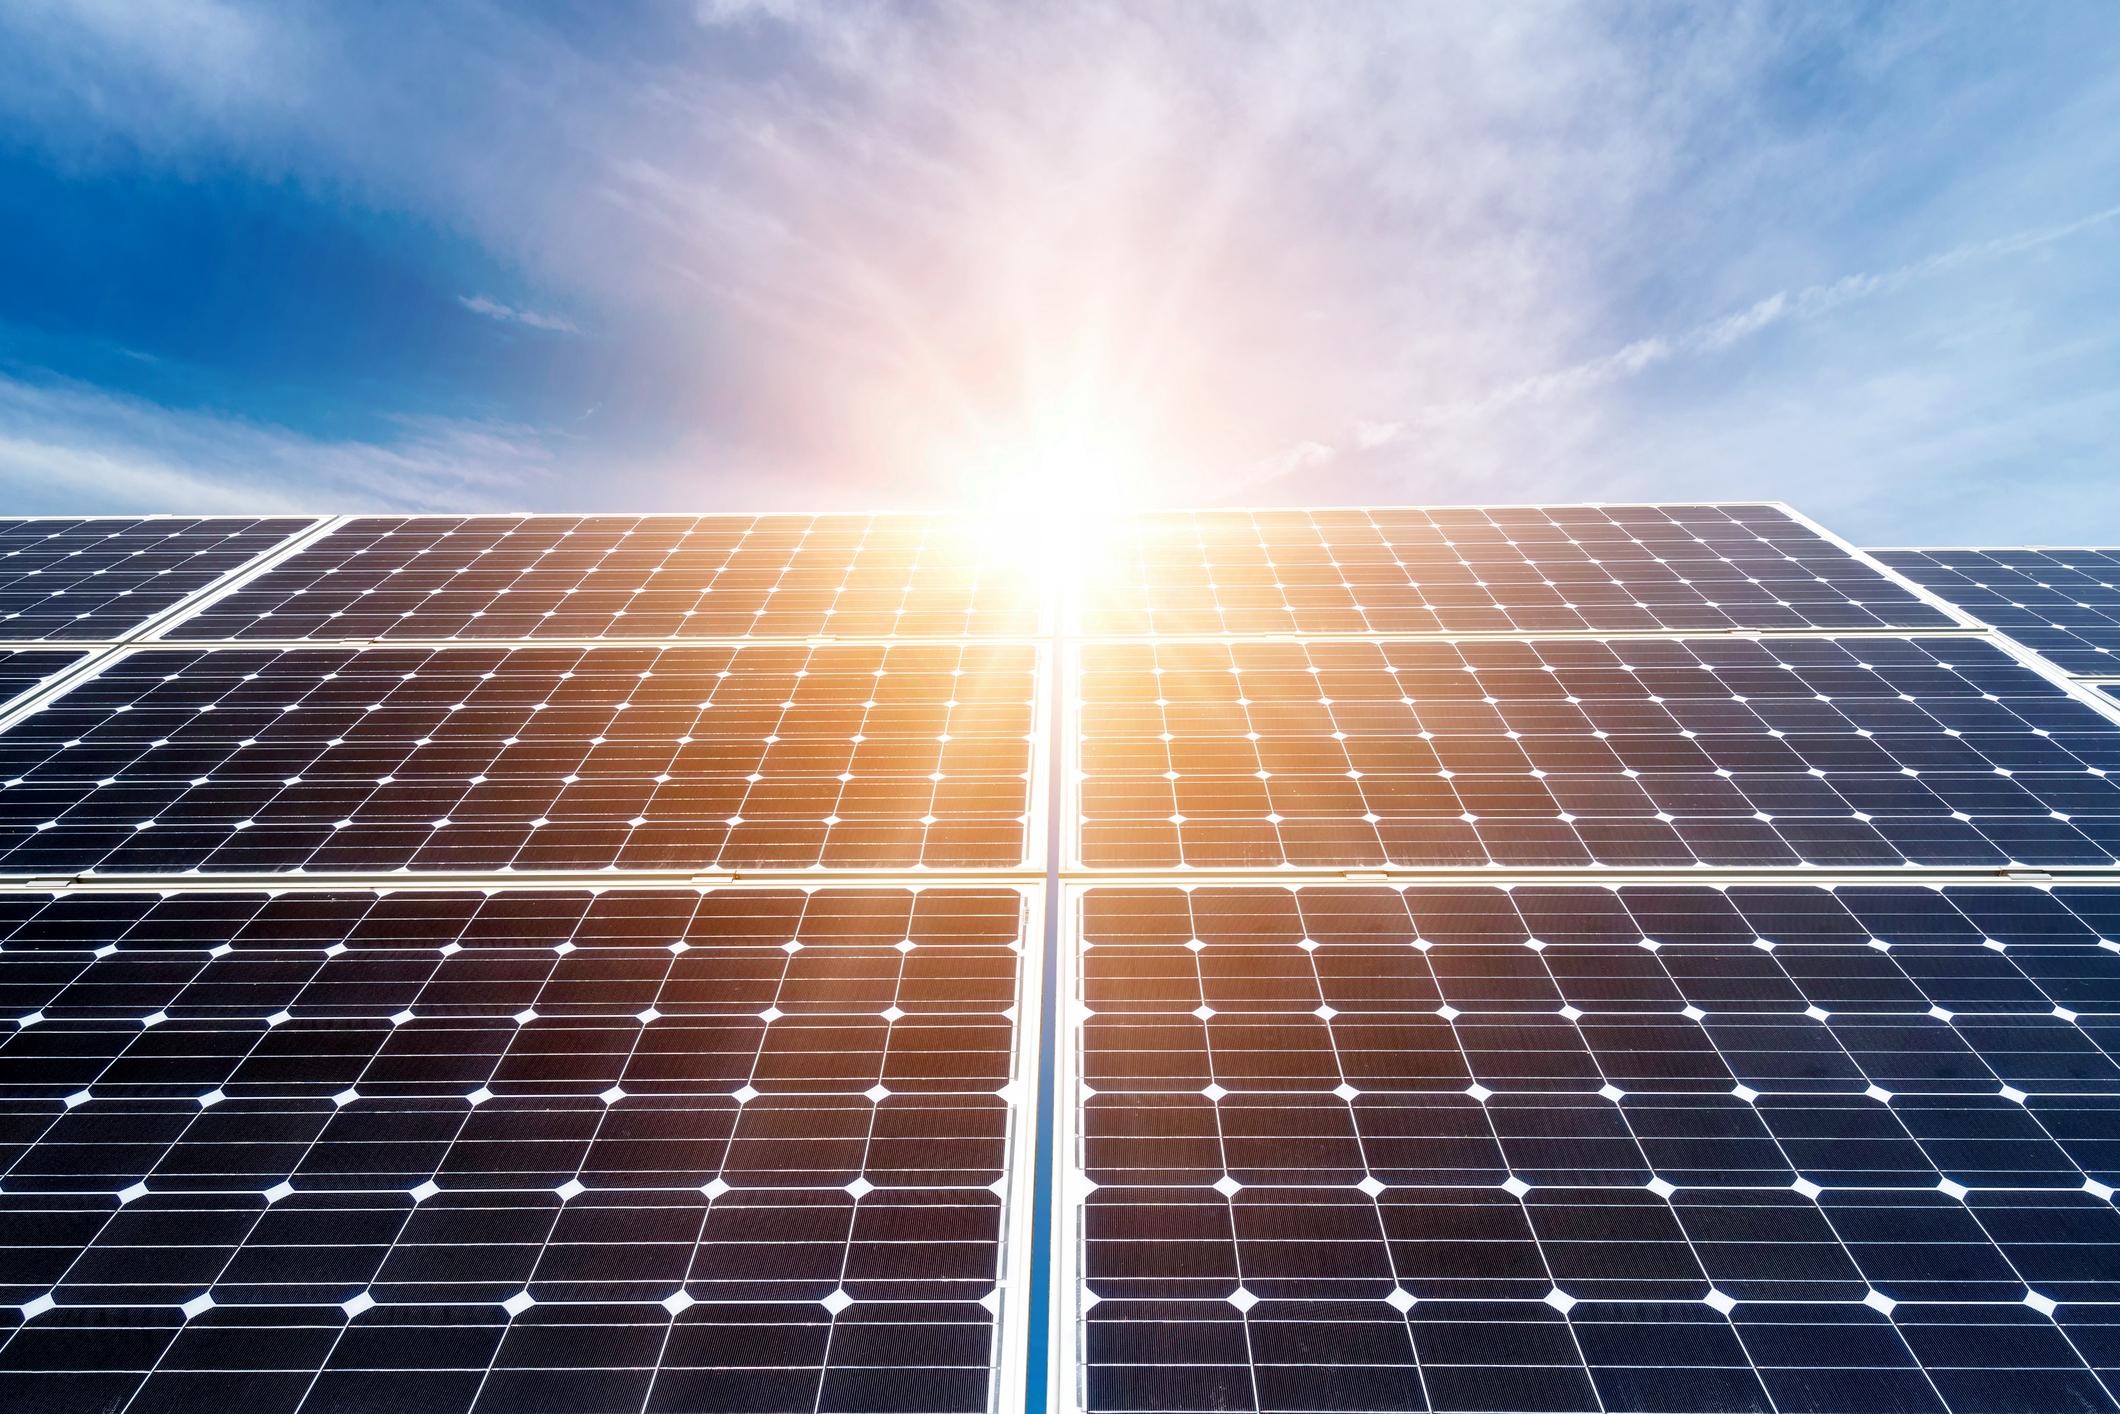 solar-cells-in-the-sun-1.jpg